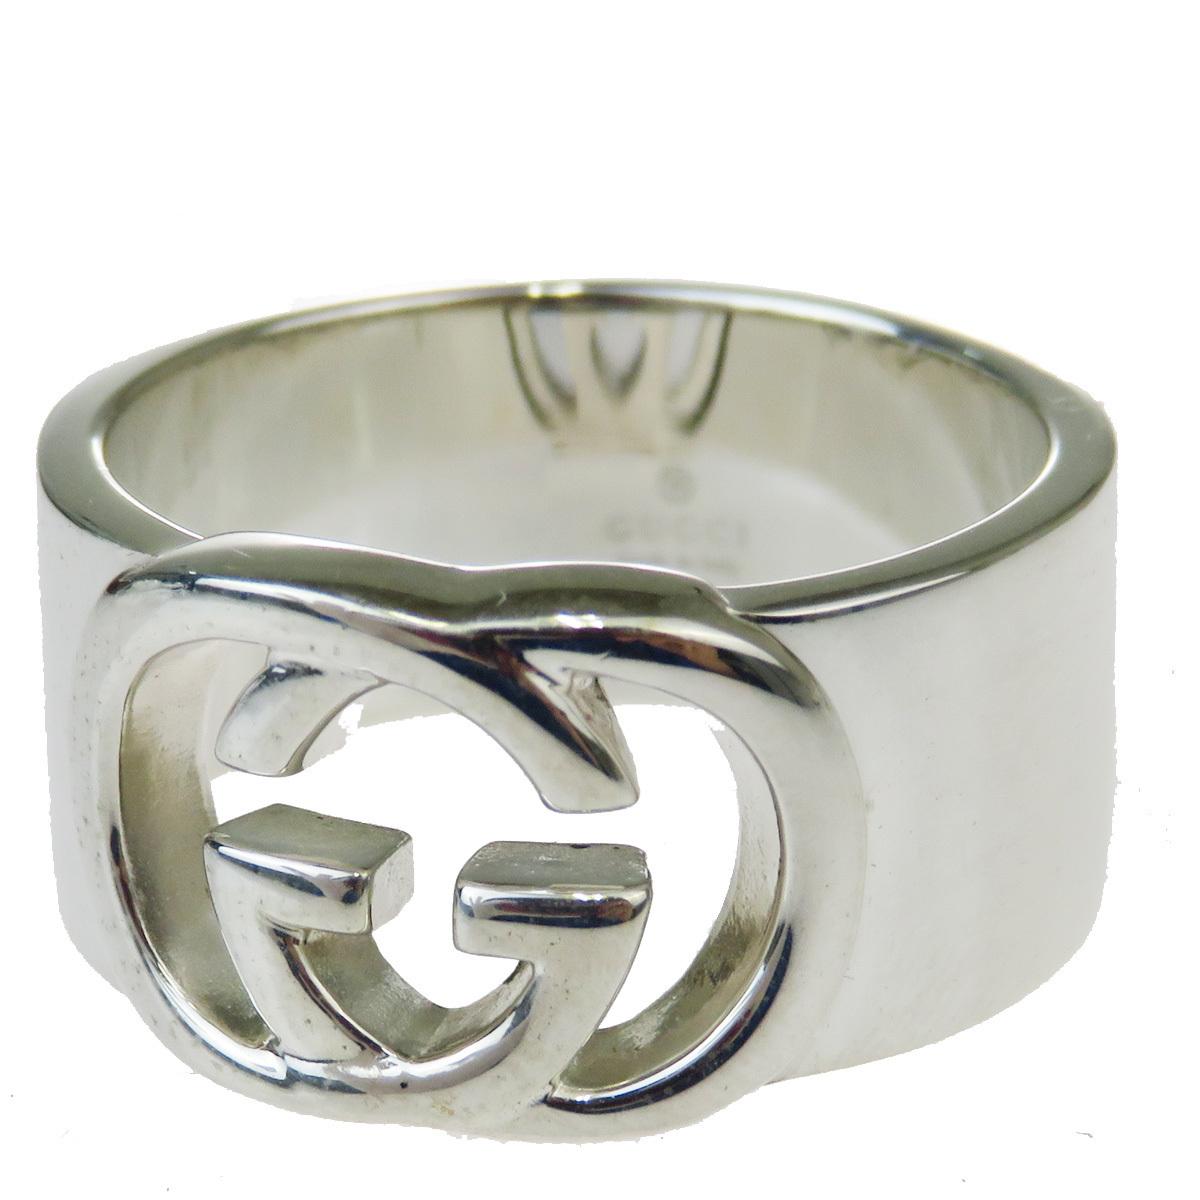 【中古】 グッチ(Gucci) JP サイズ 18 シルバー925 指輪・リング シルバー 07FA293